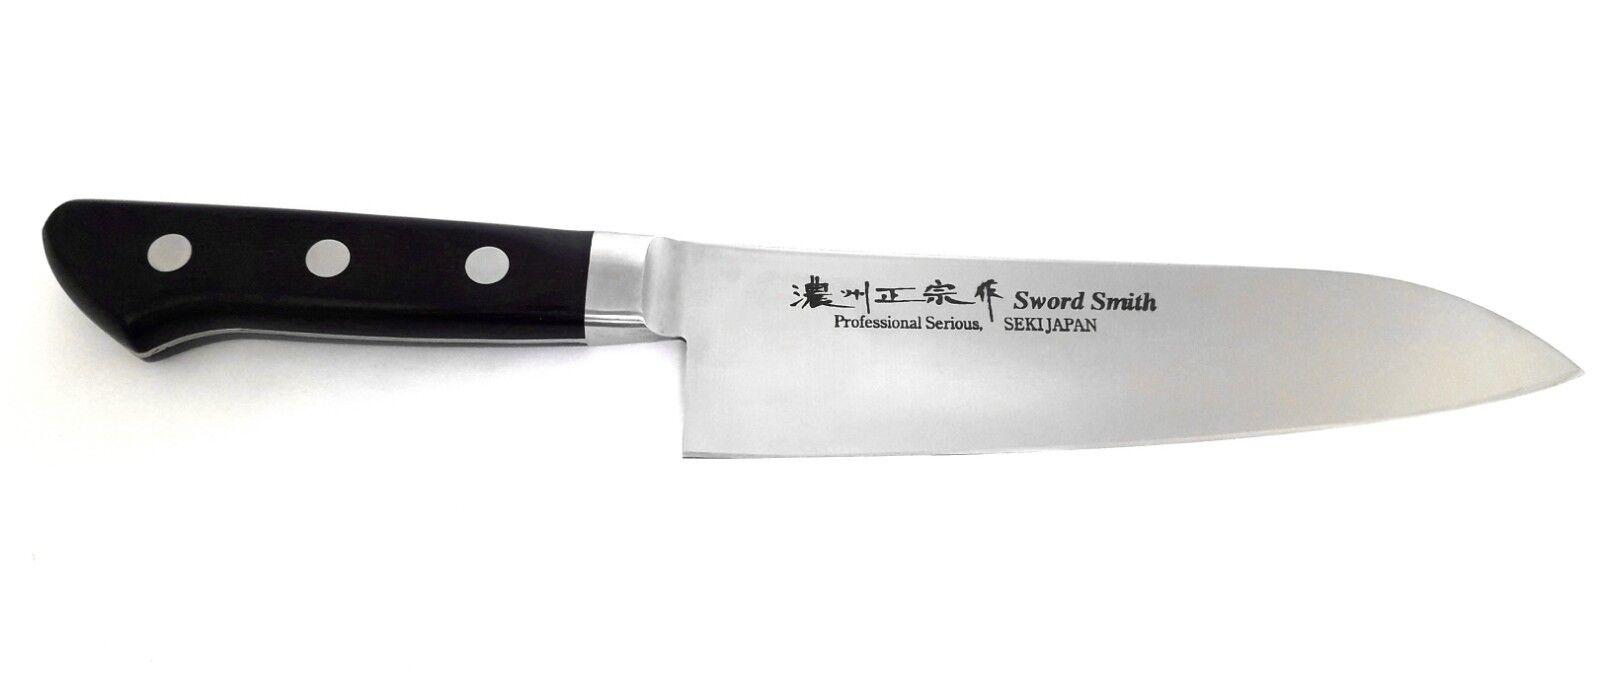 Santoku Couteaux de cuisine PSS Professional sword smith 18 cm Japon kochmesse HRC 58